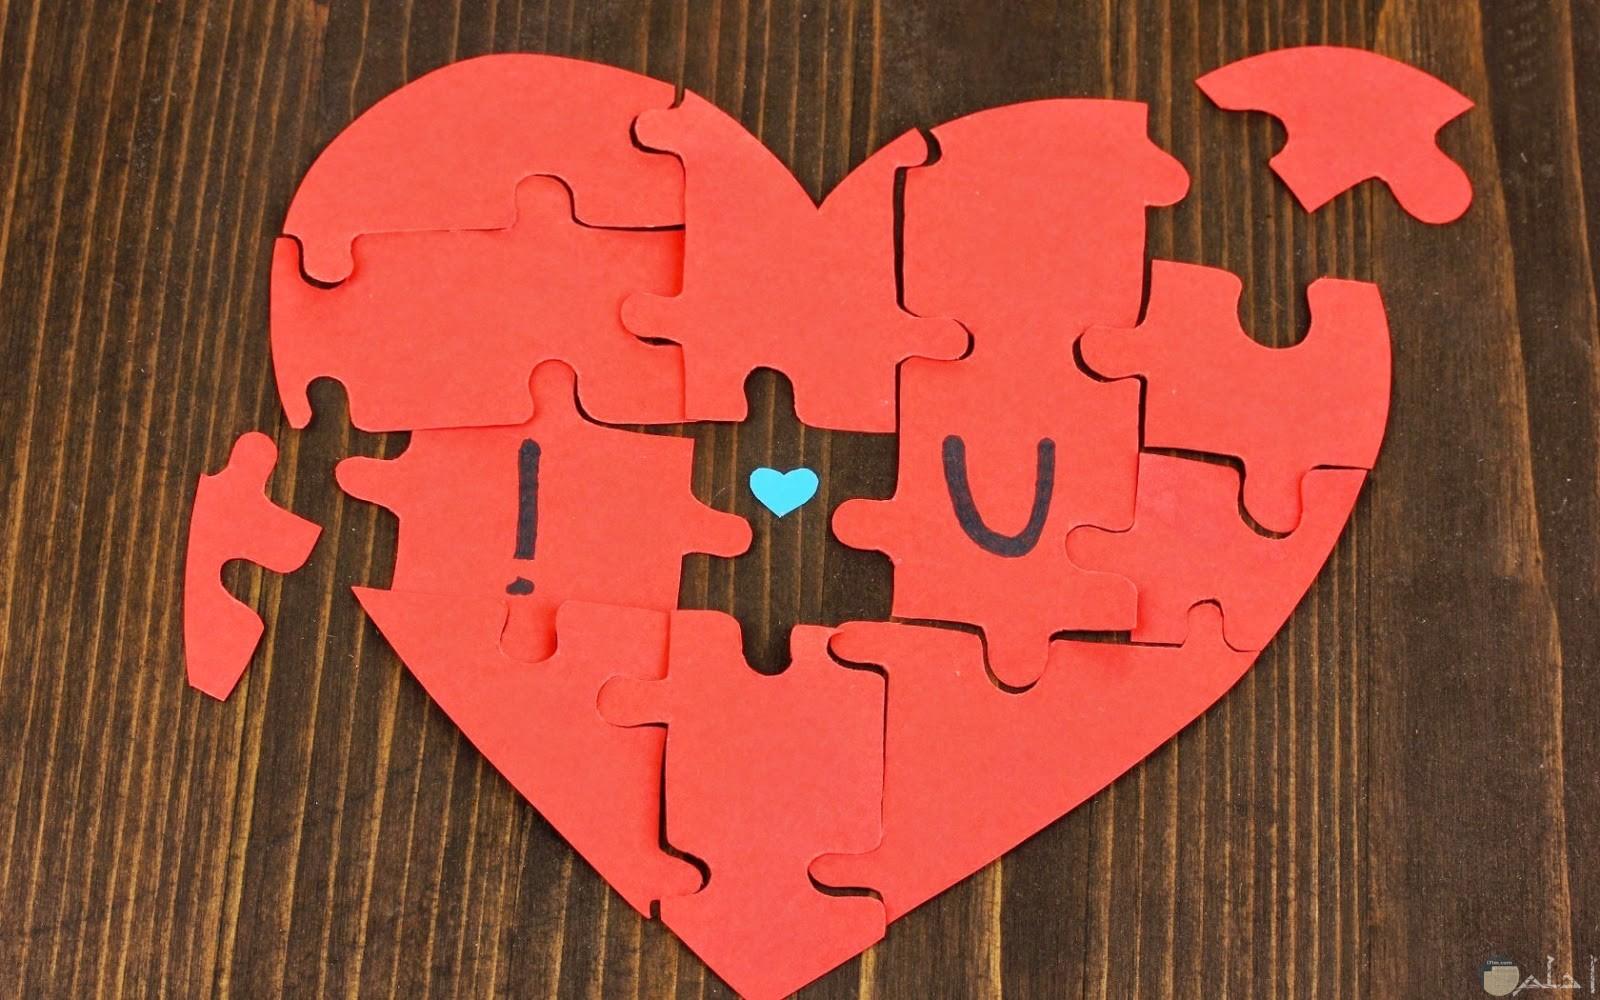 قلب جميل مصنوع من لعبة البازيل.